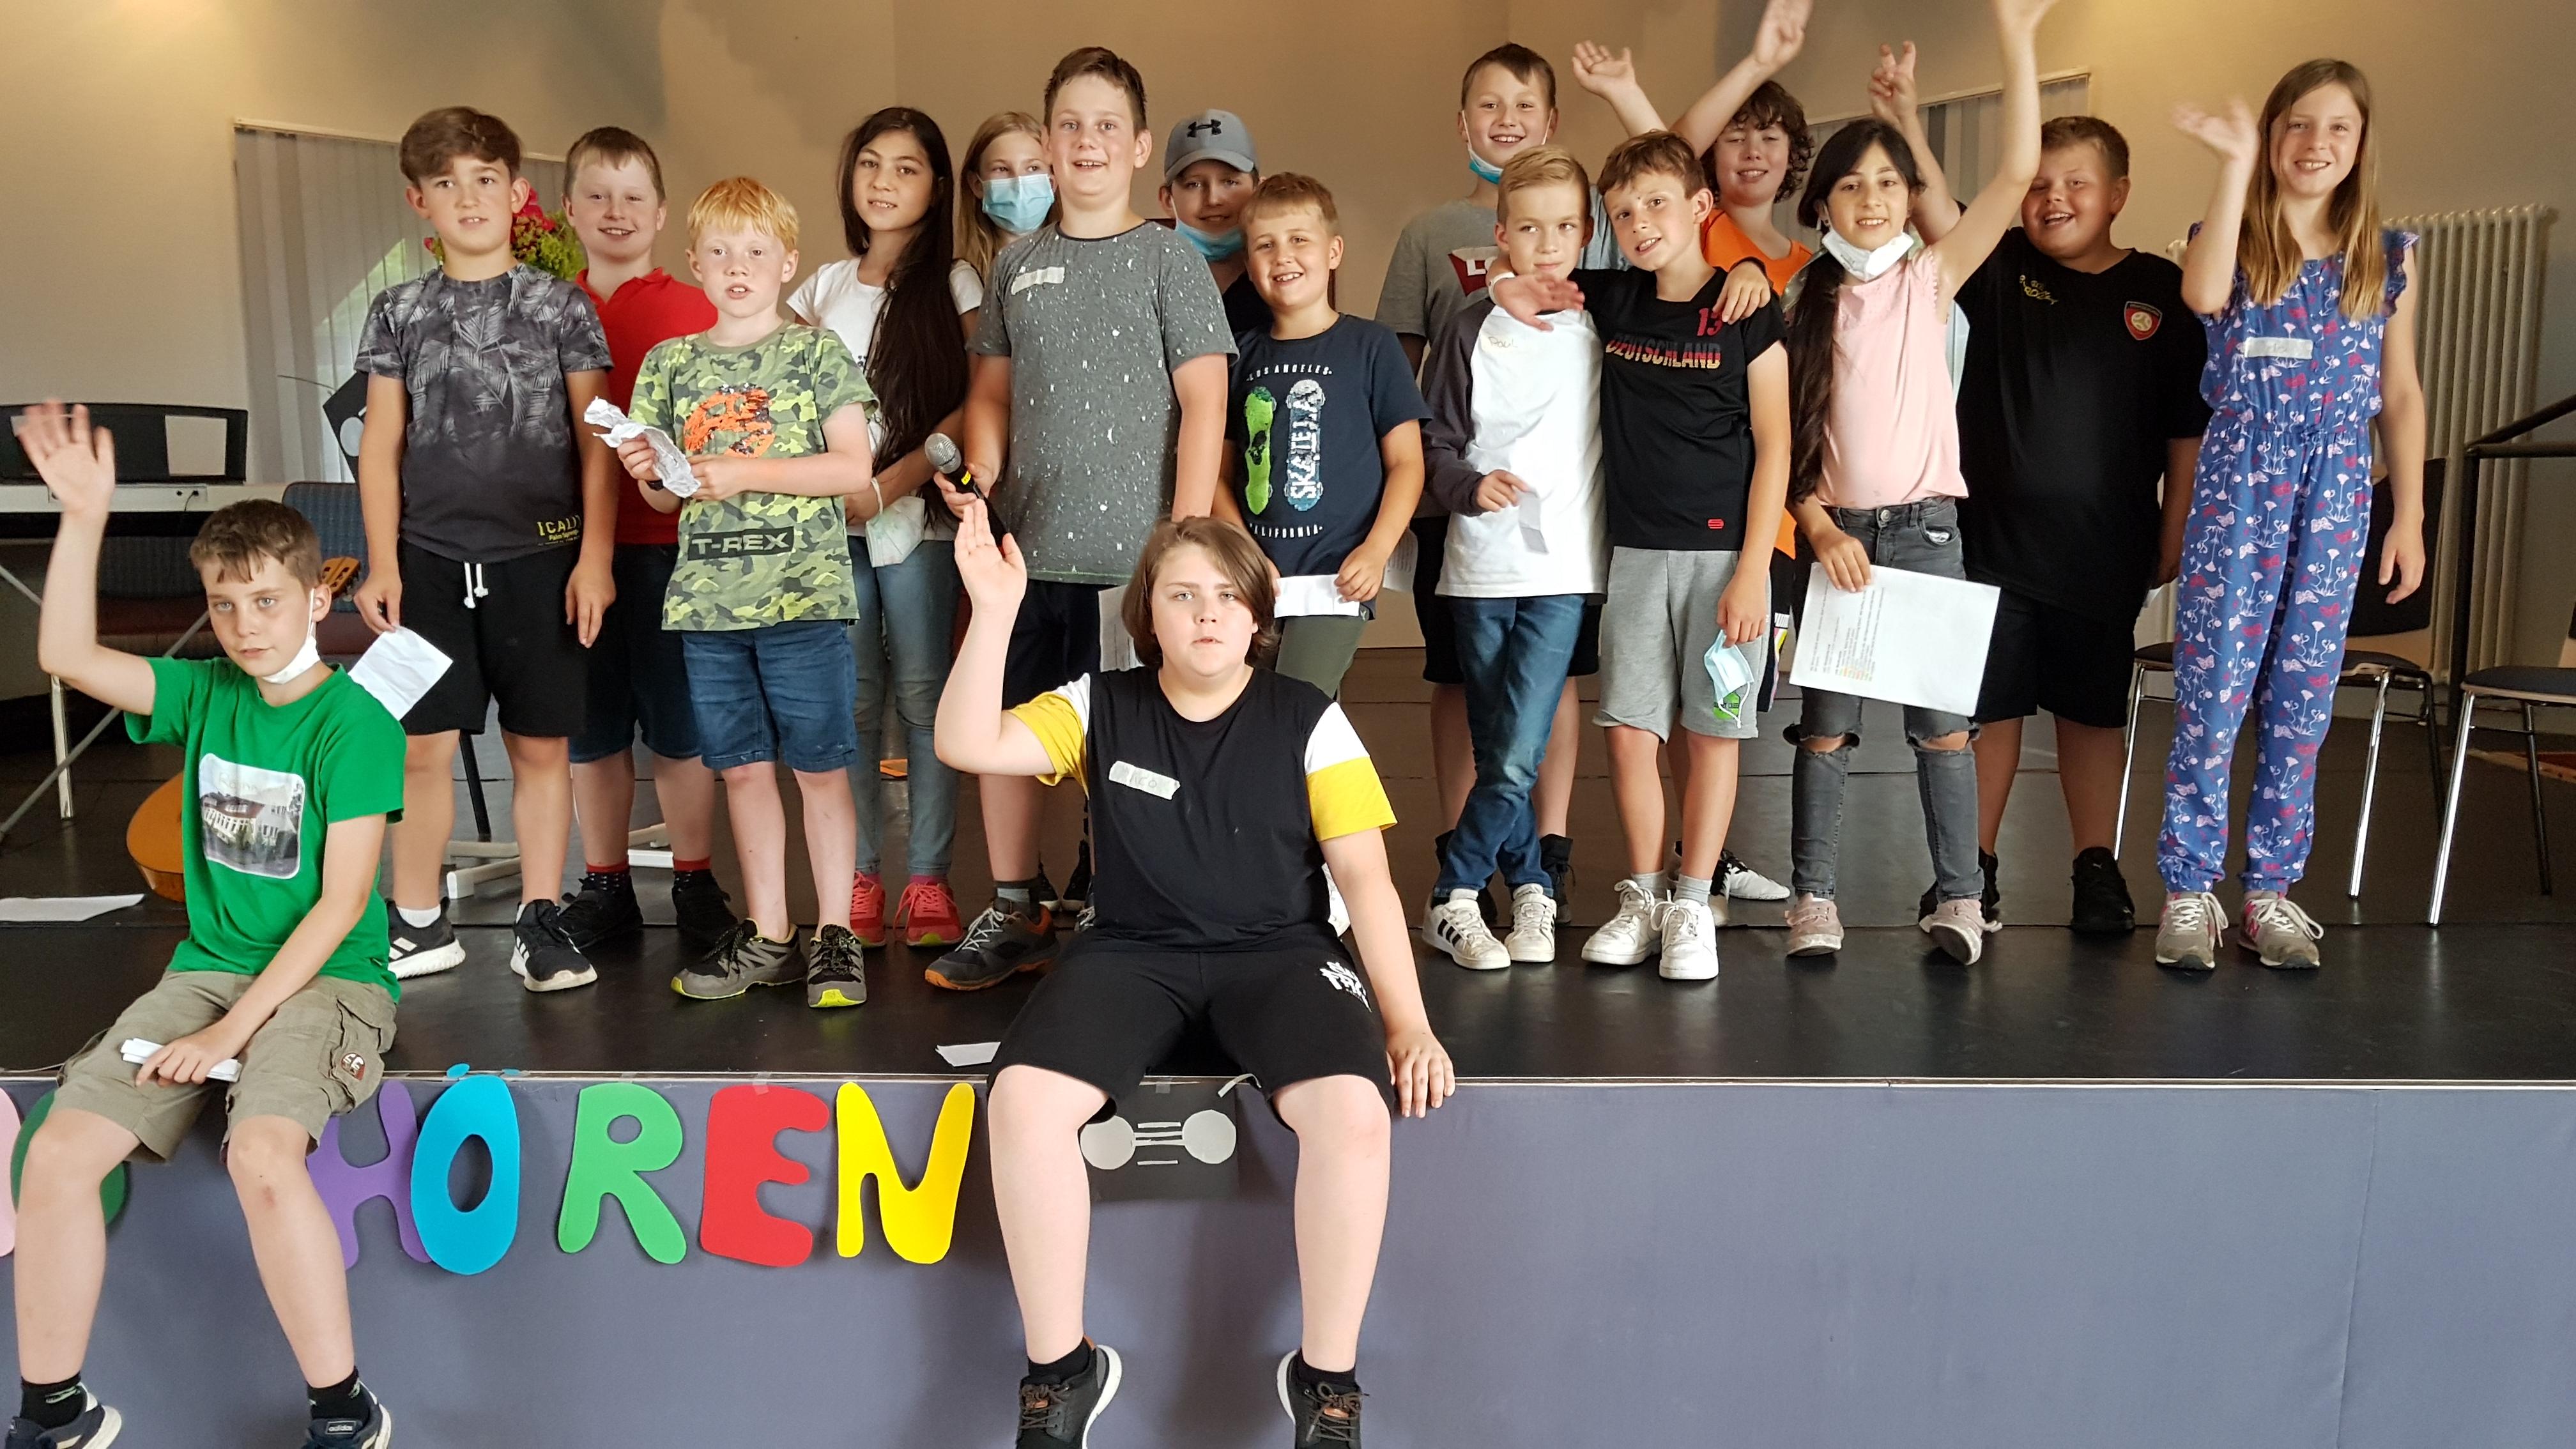 Gruppe von Kindern auf der Bühne winken in die Kamera